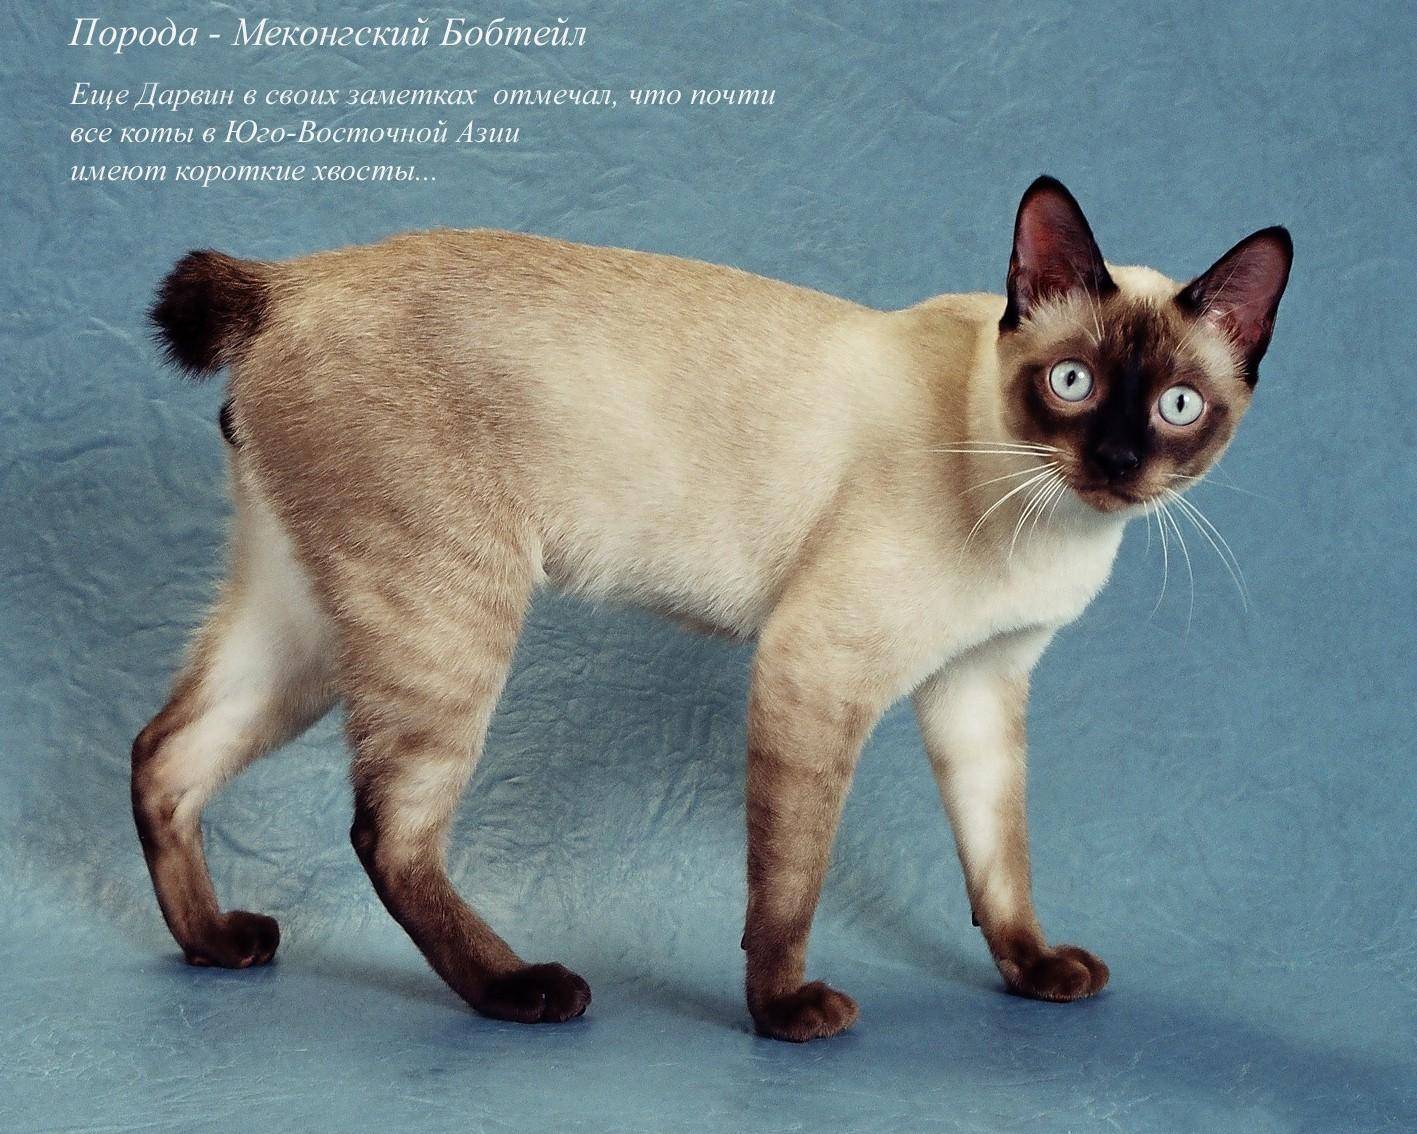 Картинки породы кошек фото с названиями пород